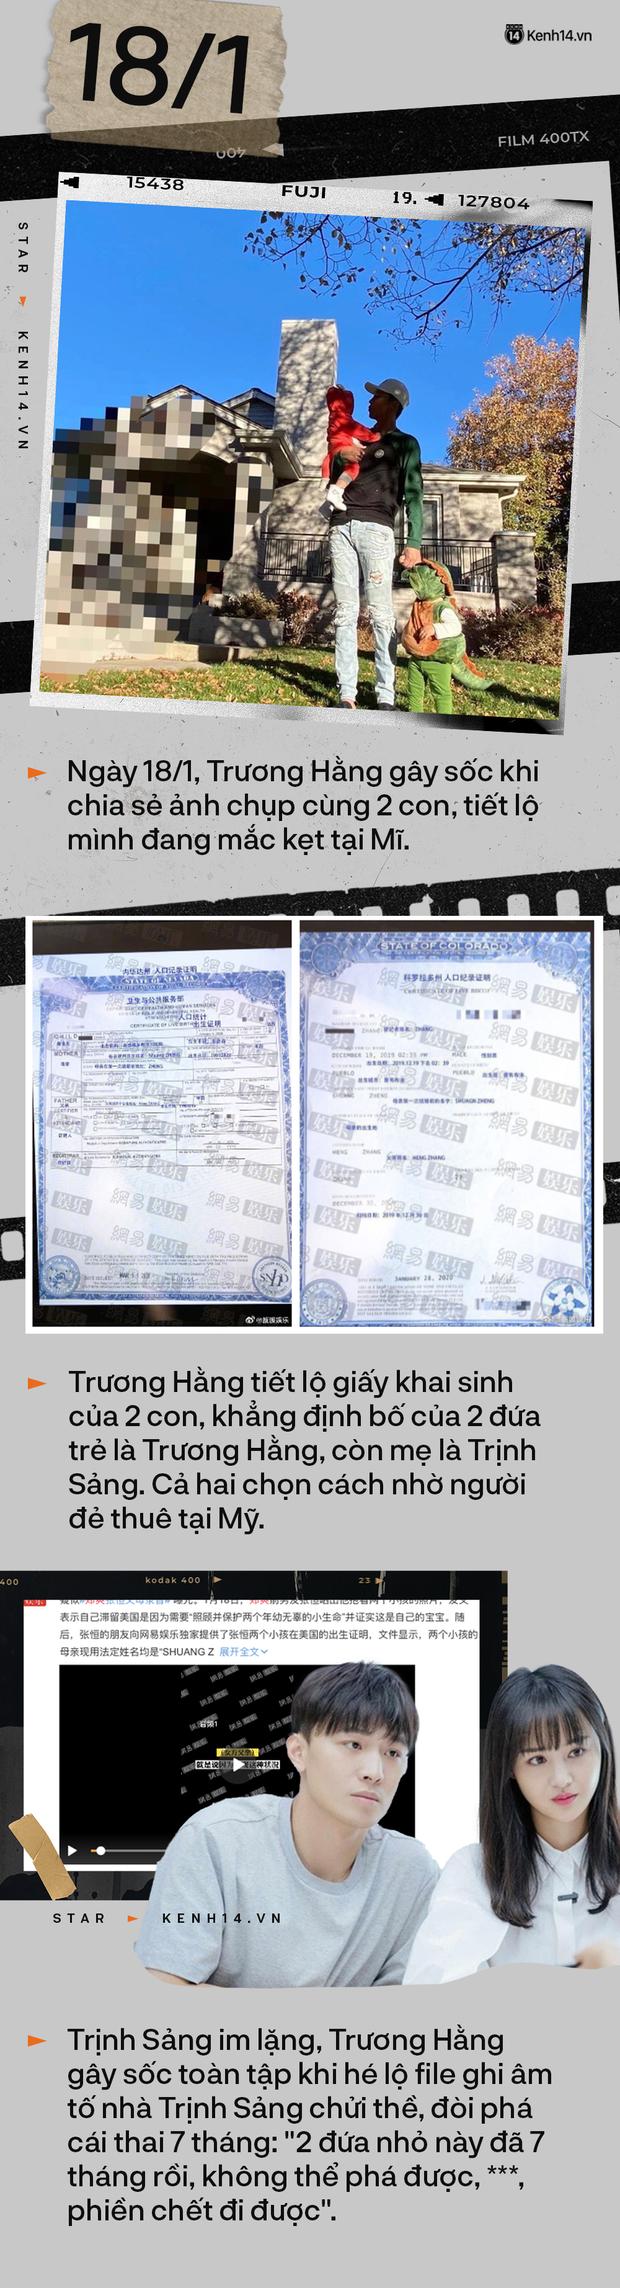 Toàn cảnh scandal khiến Trịnh Sảng thân bại danh liệt: Thuê người mang thai, ruồng bỏ con cái, Lee Jong Suk cũng bị réo tên - Ảnh 2.